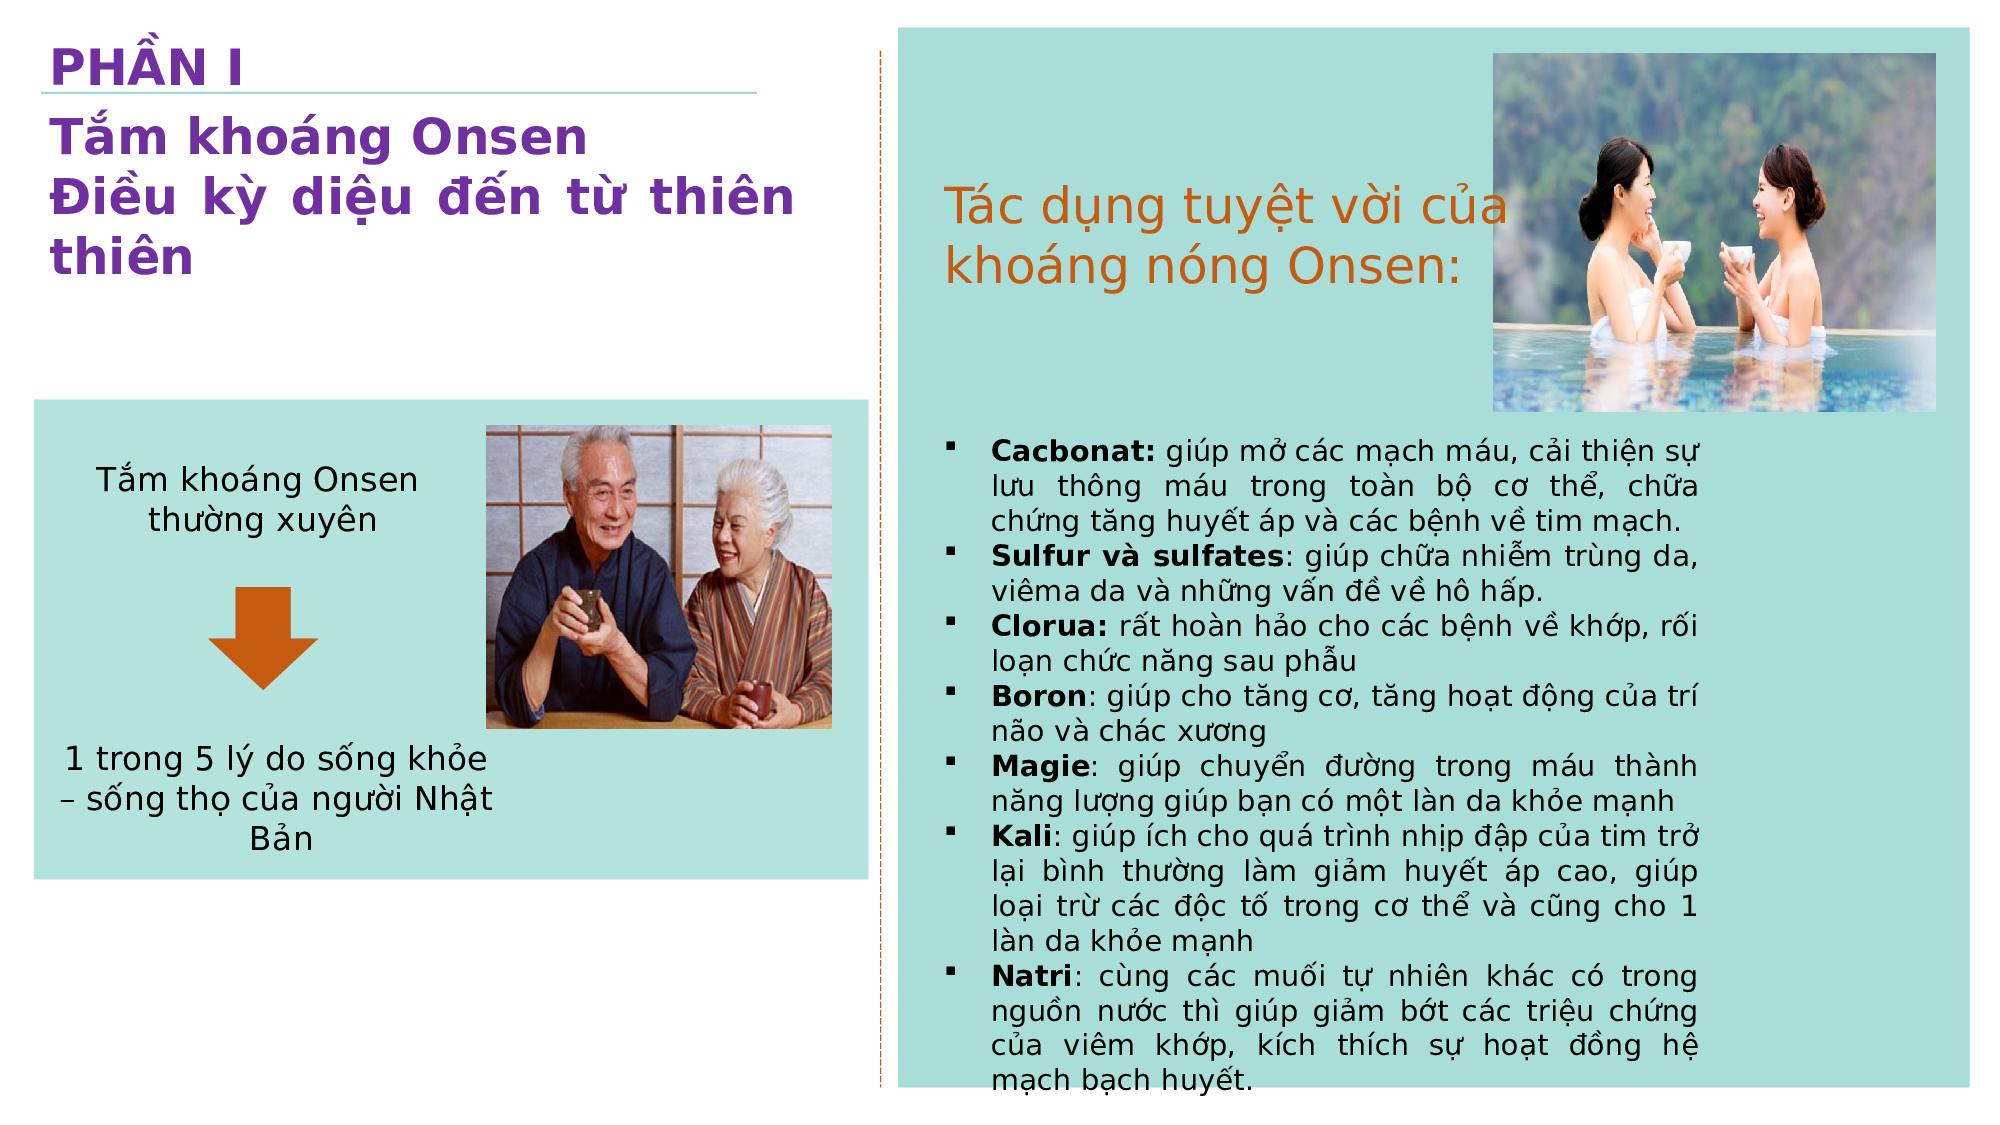 de-thuyet-trinh-whttnew291119edited-2